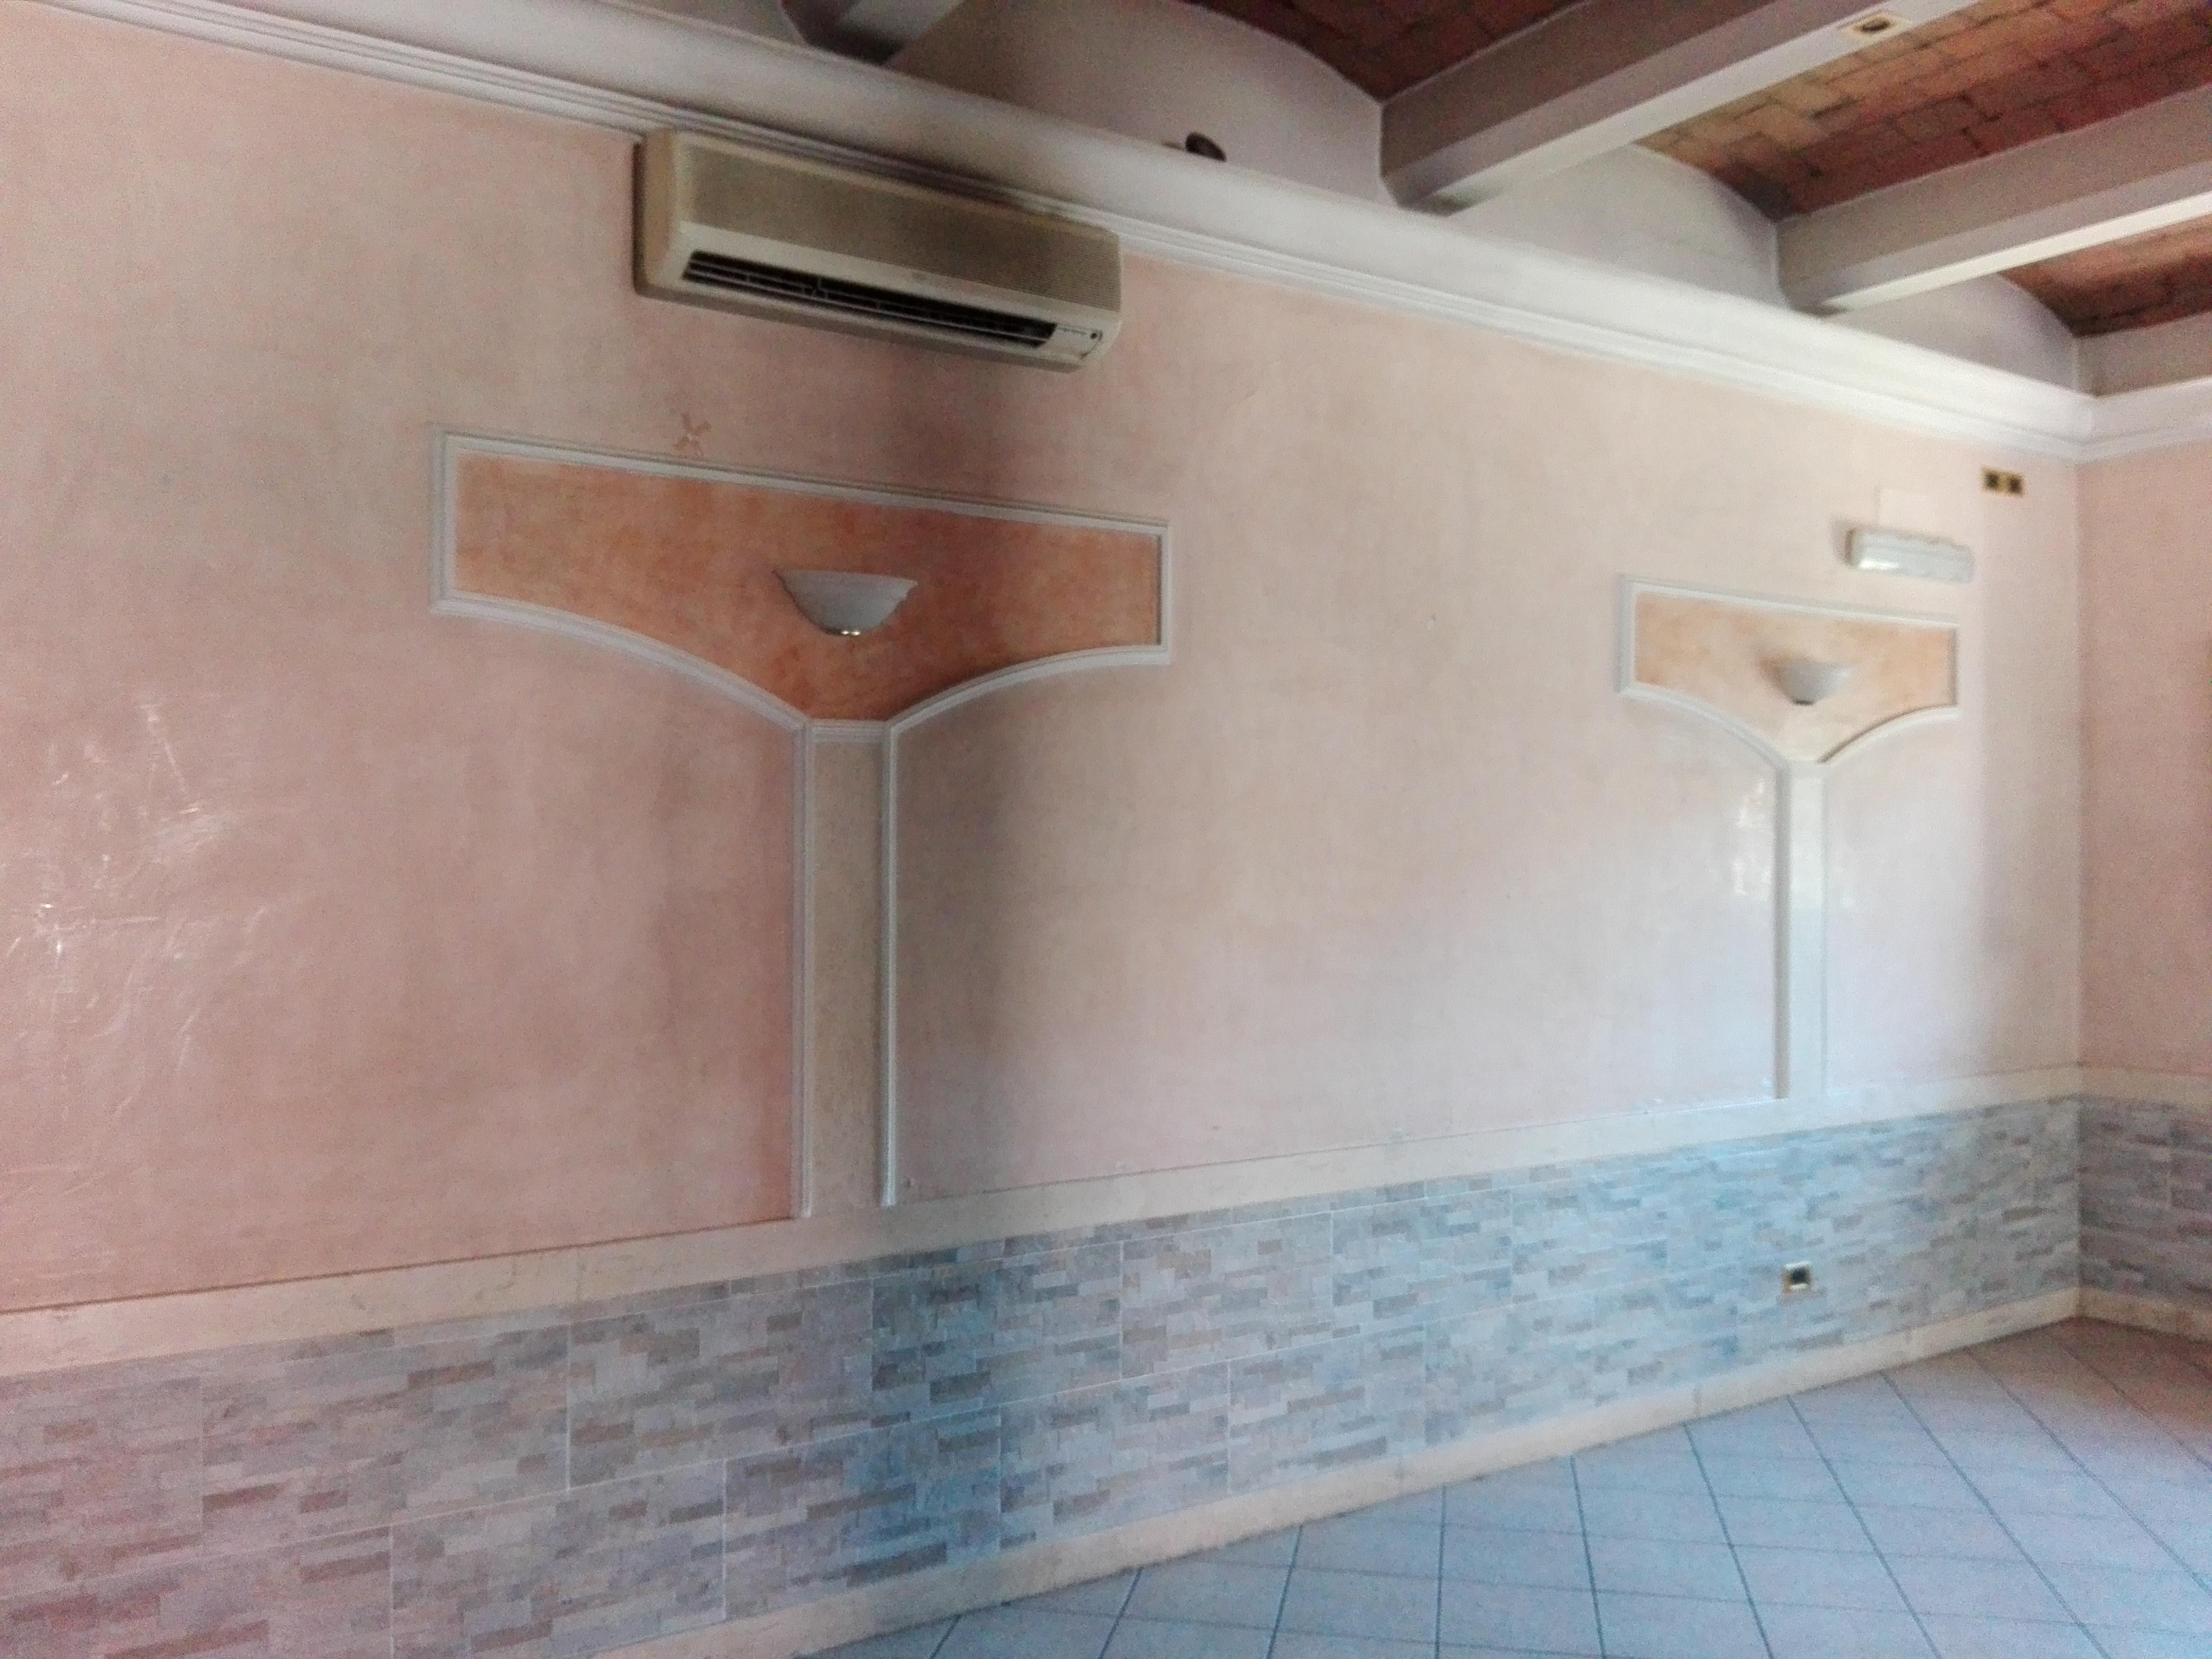 2041 architettura e design a roma for Architettura e design roma